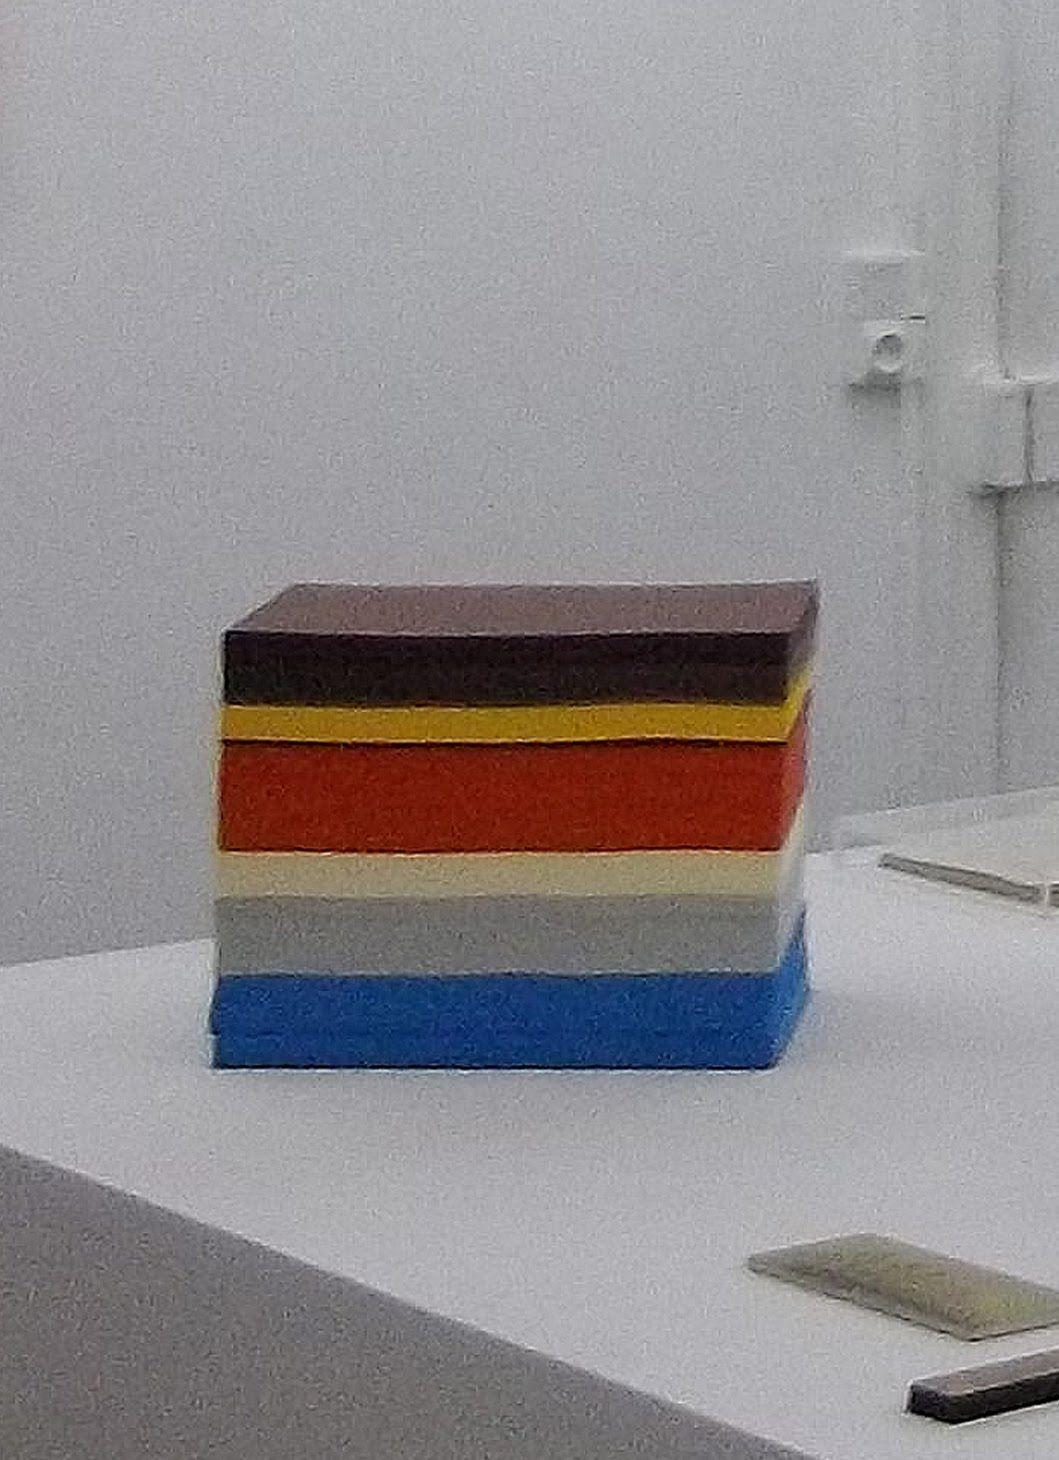 couleurs et couches géologiques...